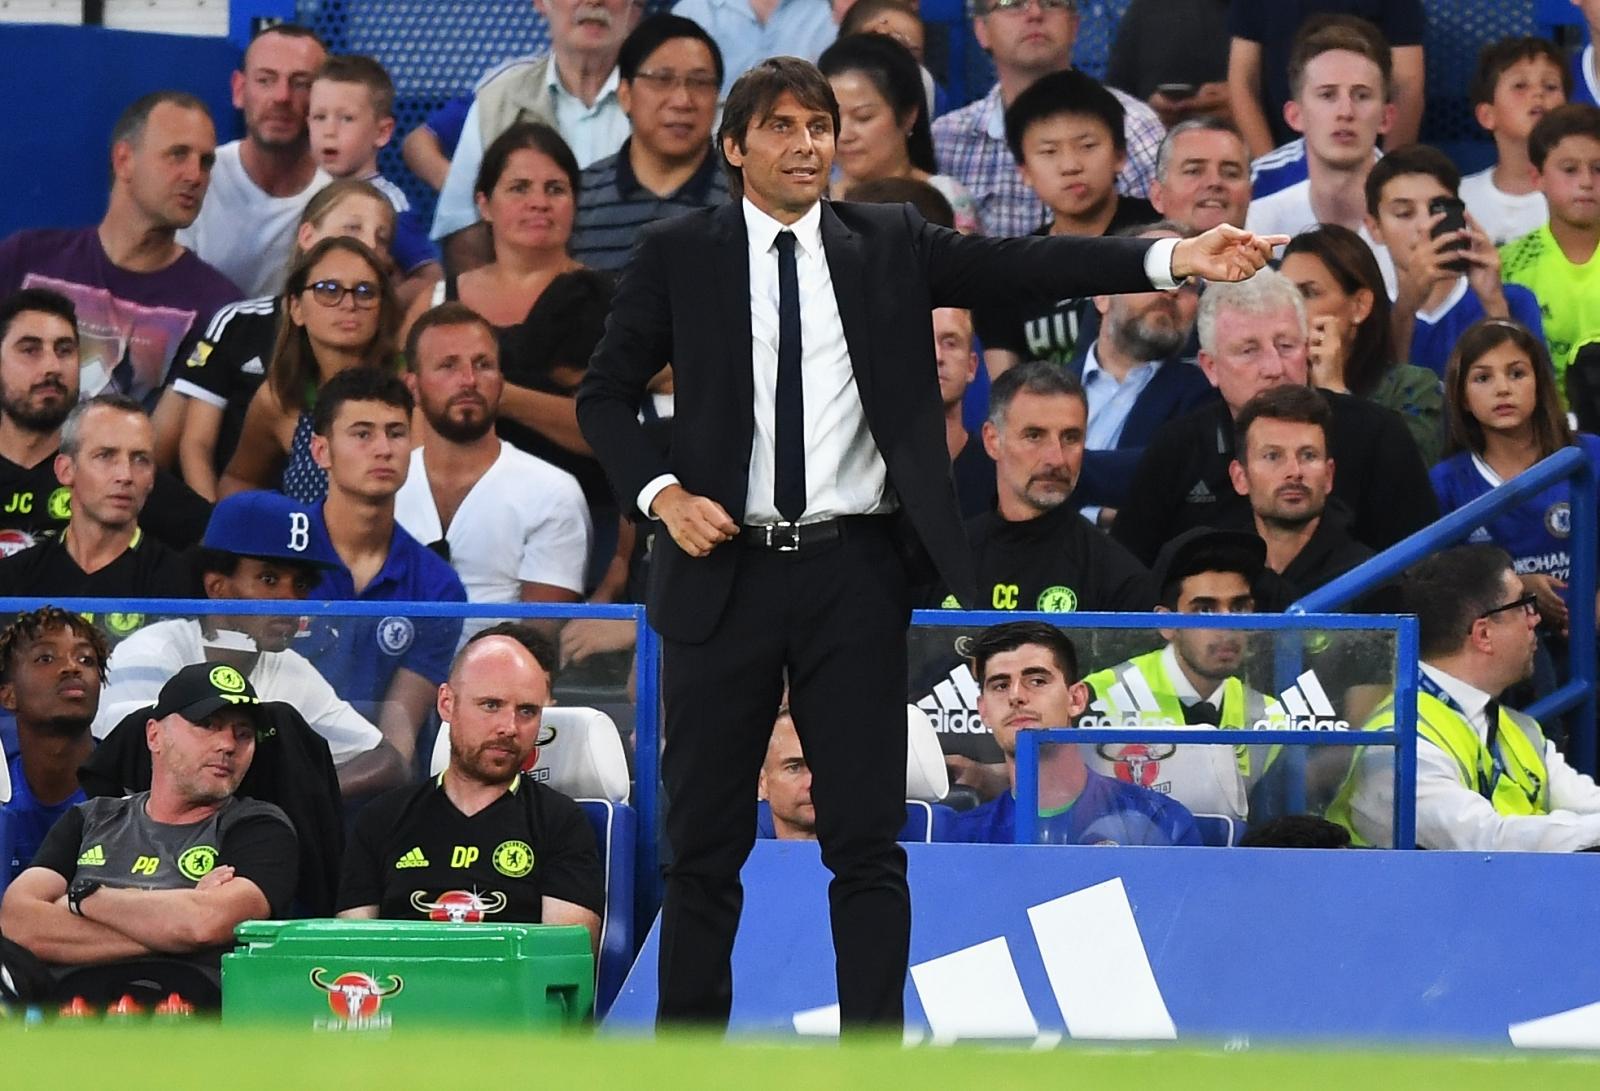 Il Chelsea giocherà contro il Manchester City con il lutto al braccio